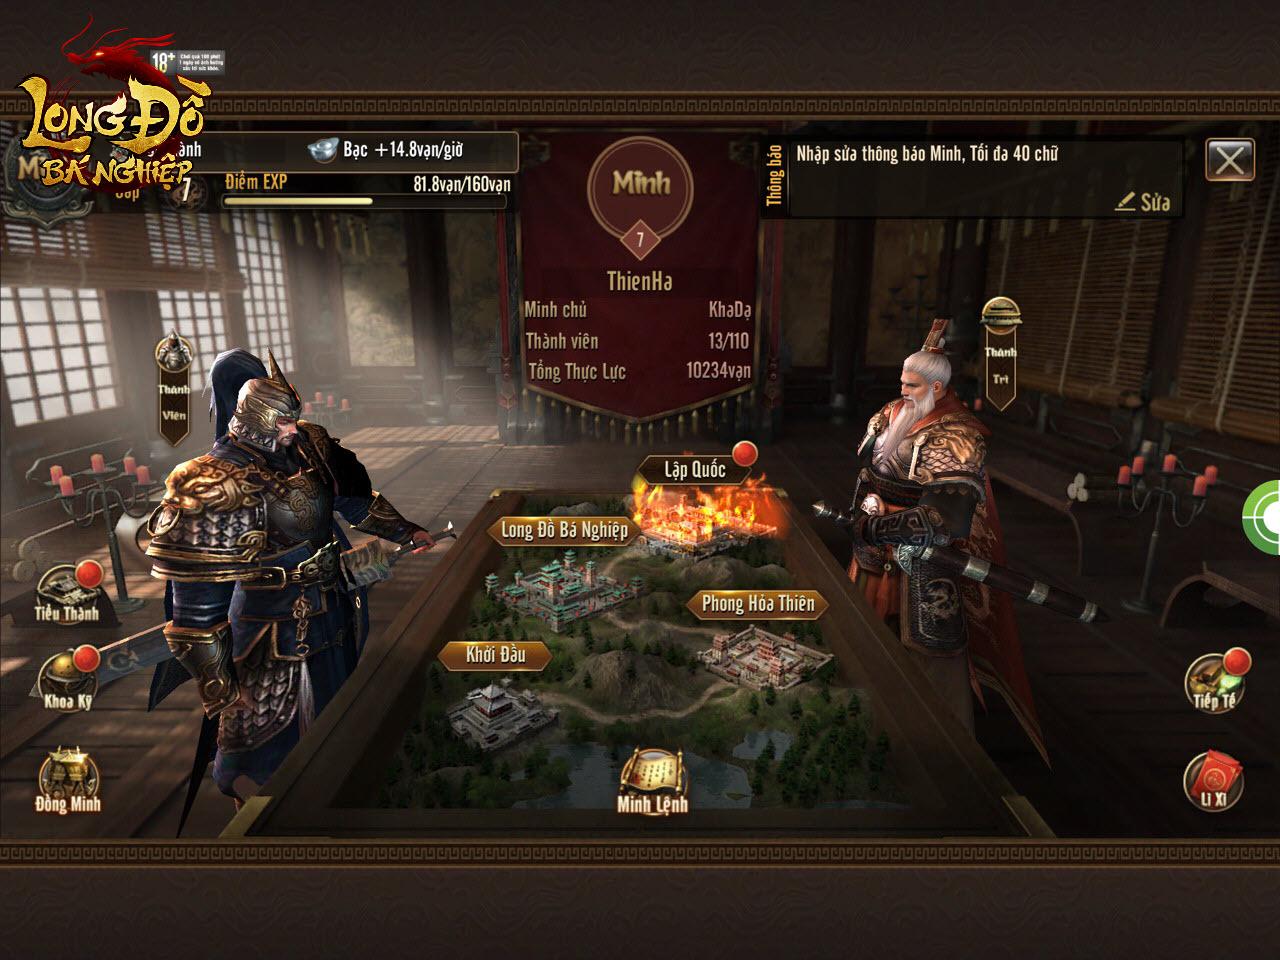 Người chơi sẽ xây dựng thế lực của mình ngày càng hùng mạnh để chiếm lĩnh các lãnh địa xung quanh